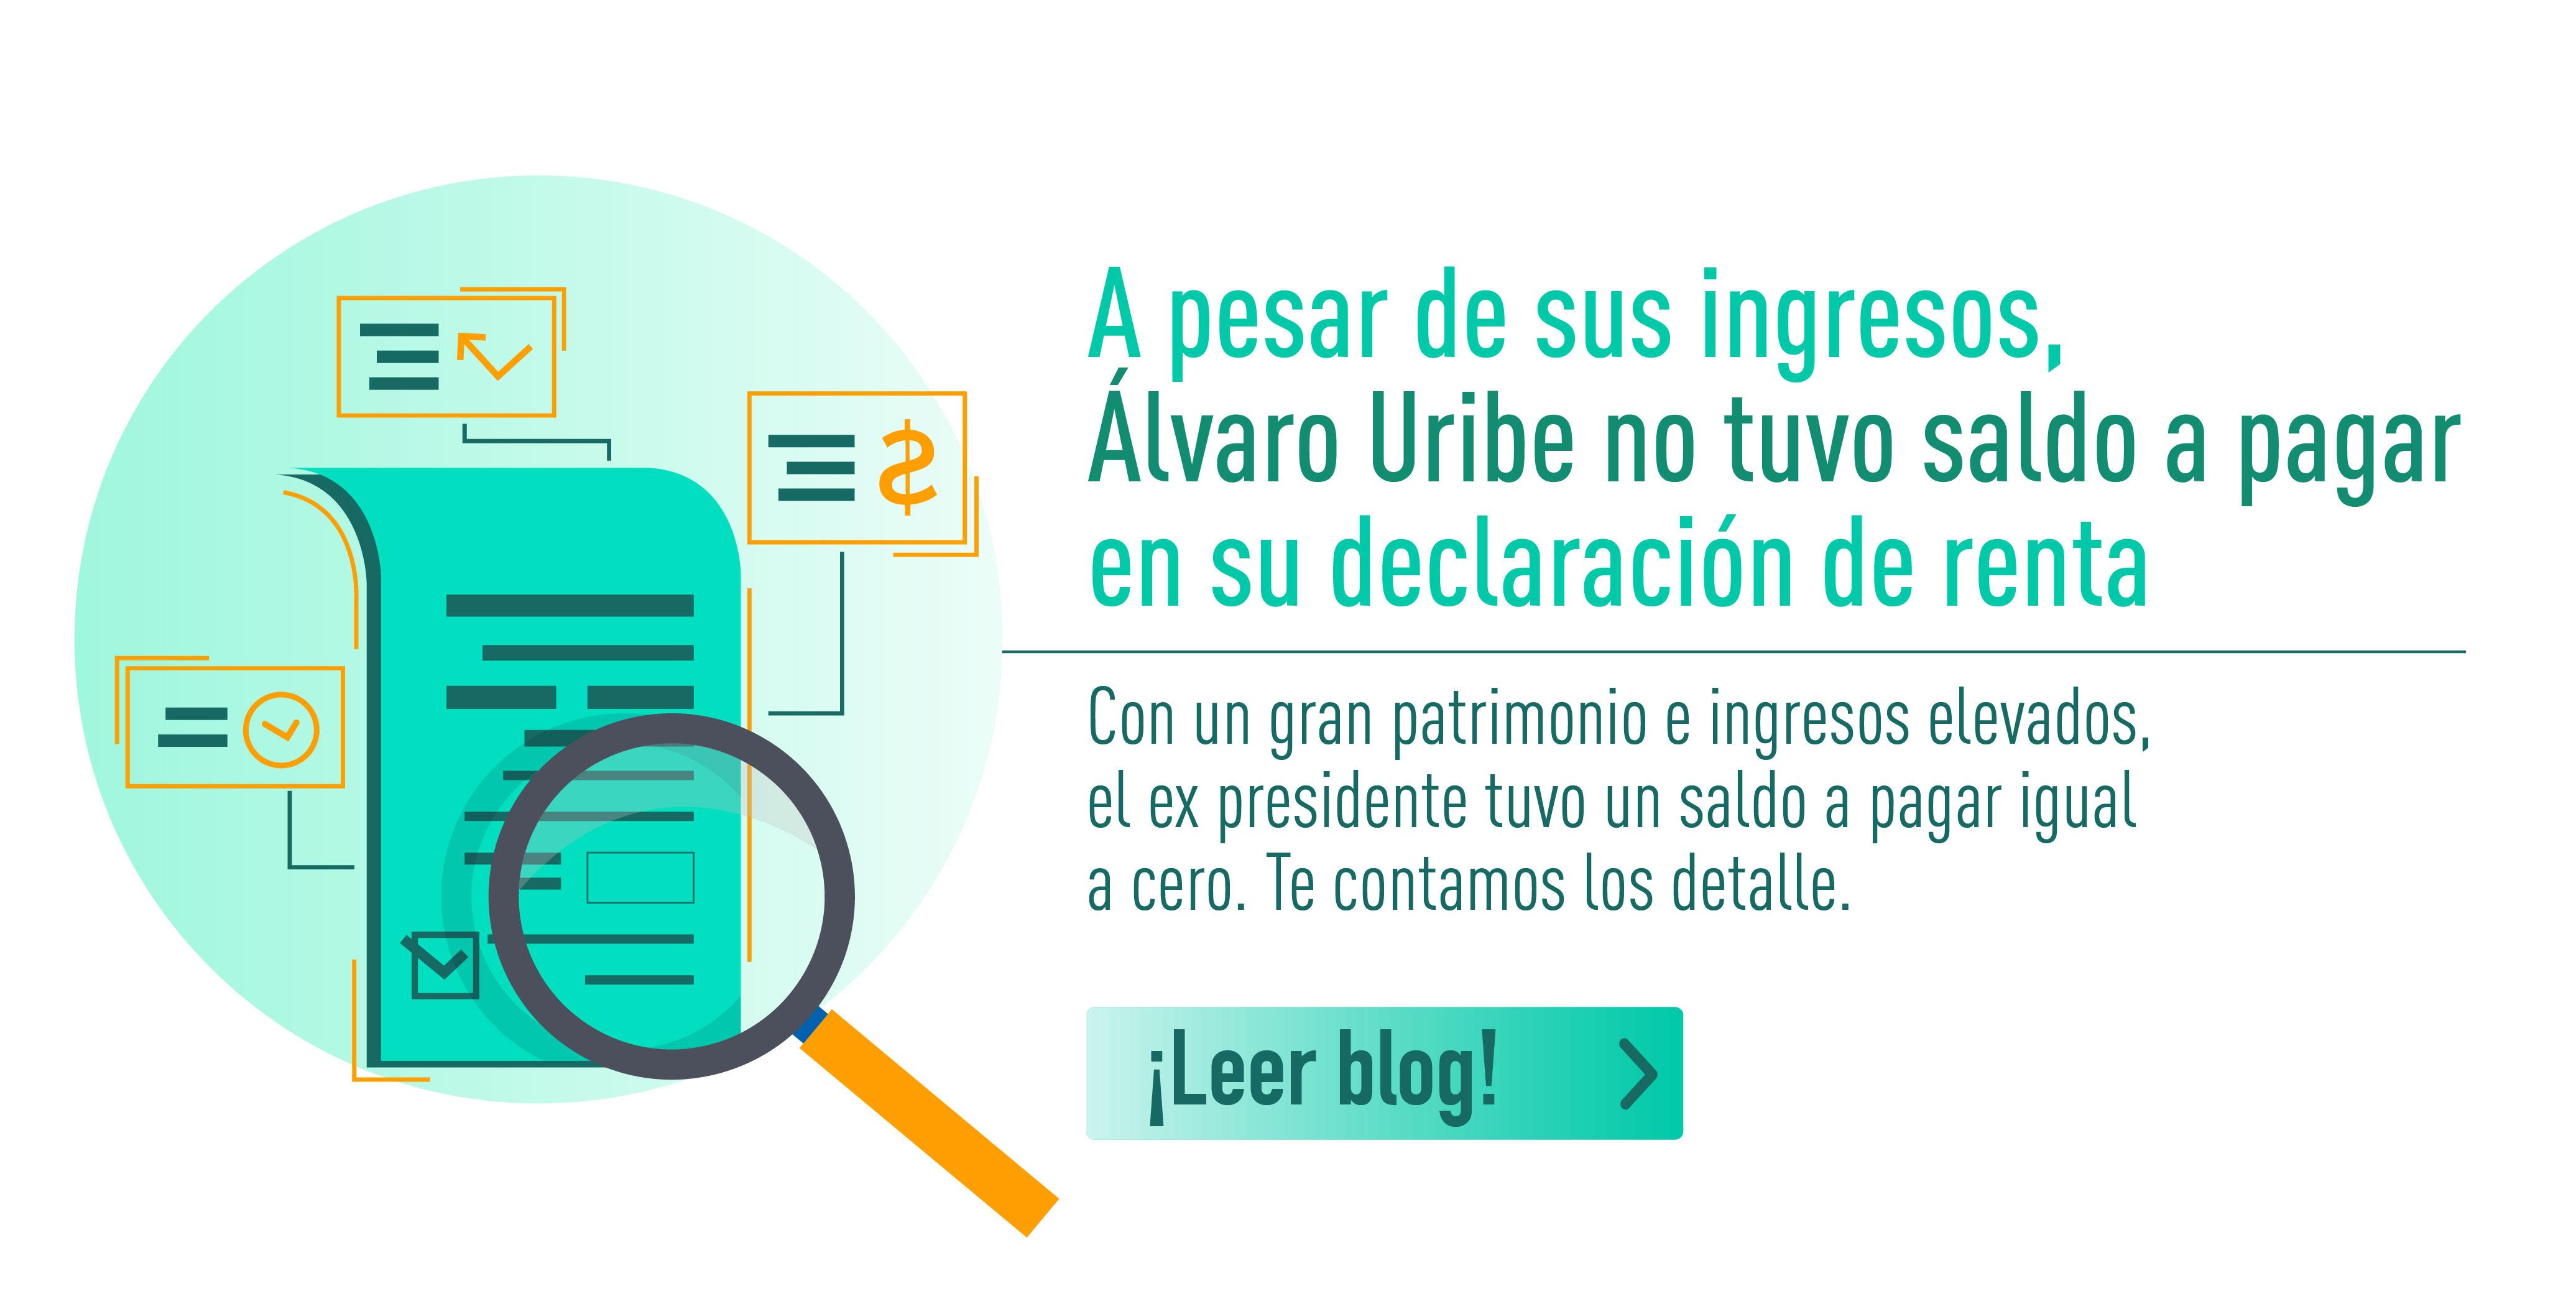 A pesar de sus ingresos, Álvaro Uribe no tuvo saldo a pagar en su declaración de renta